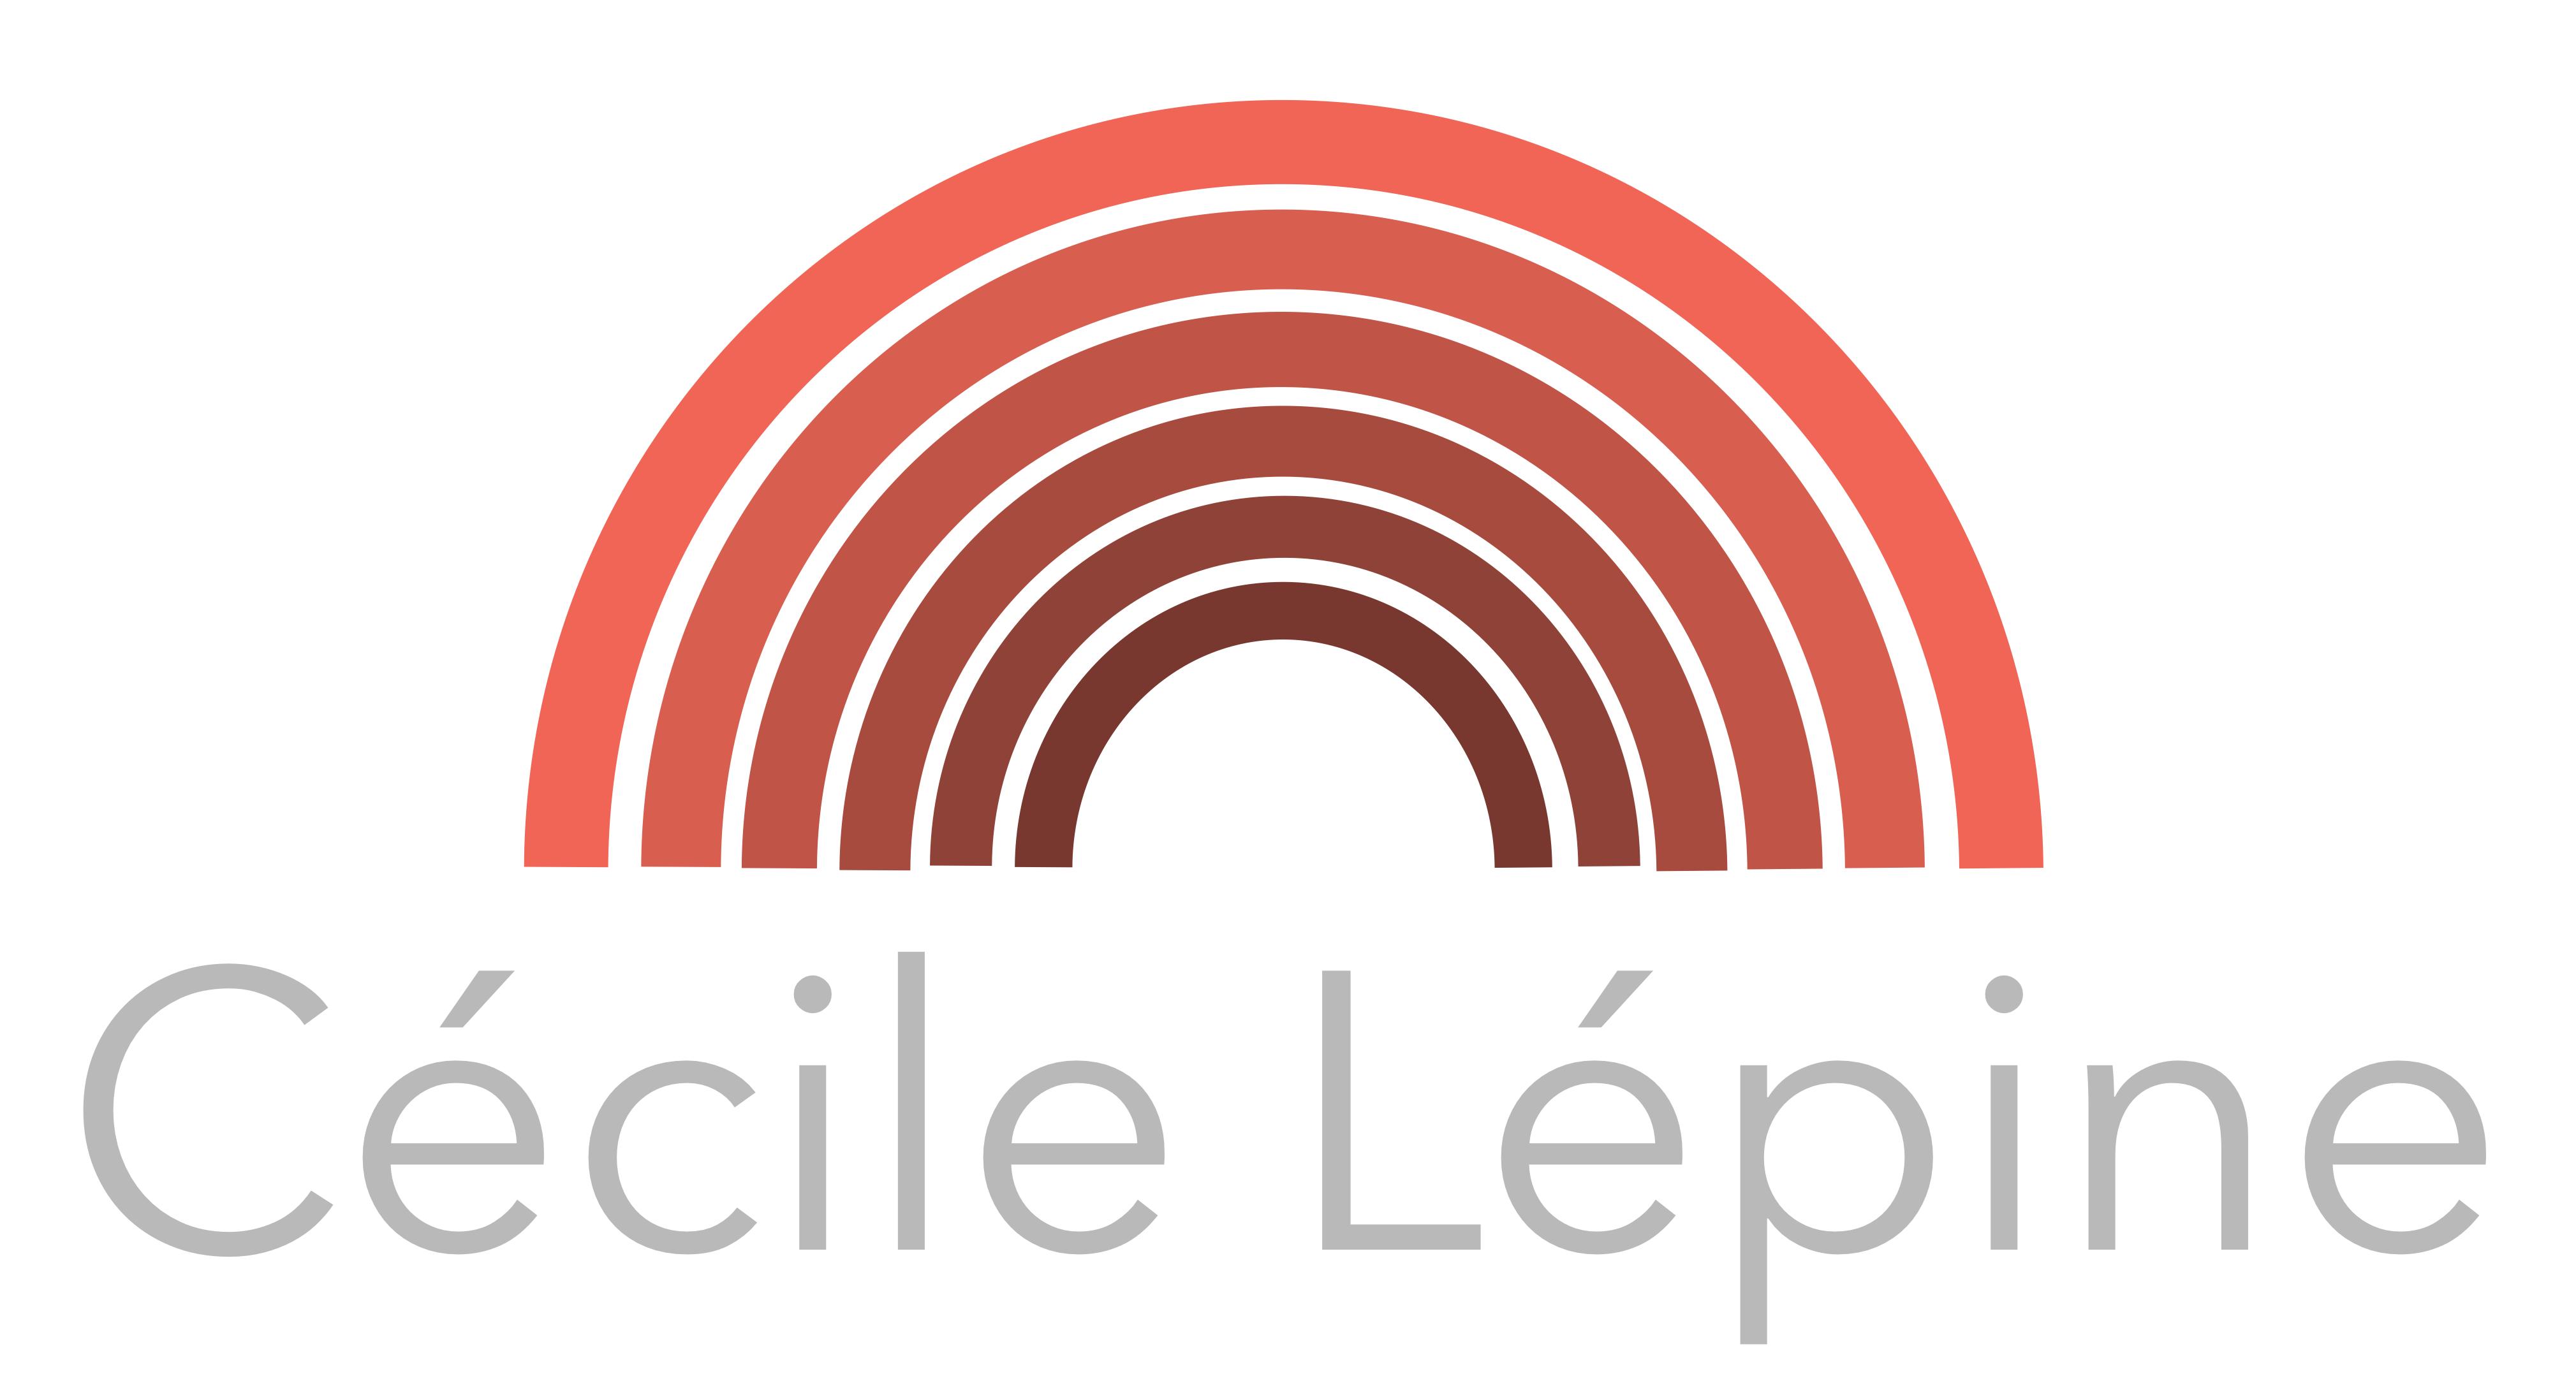 Cécile Lépine Coaching